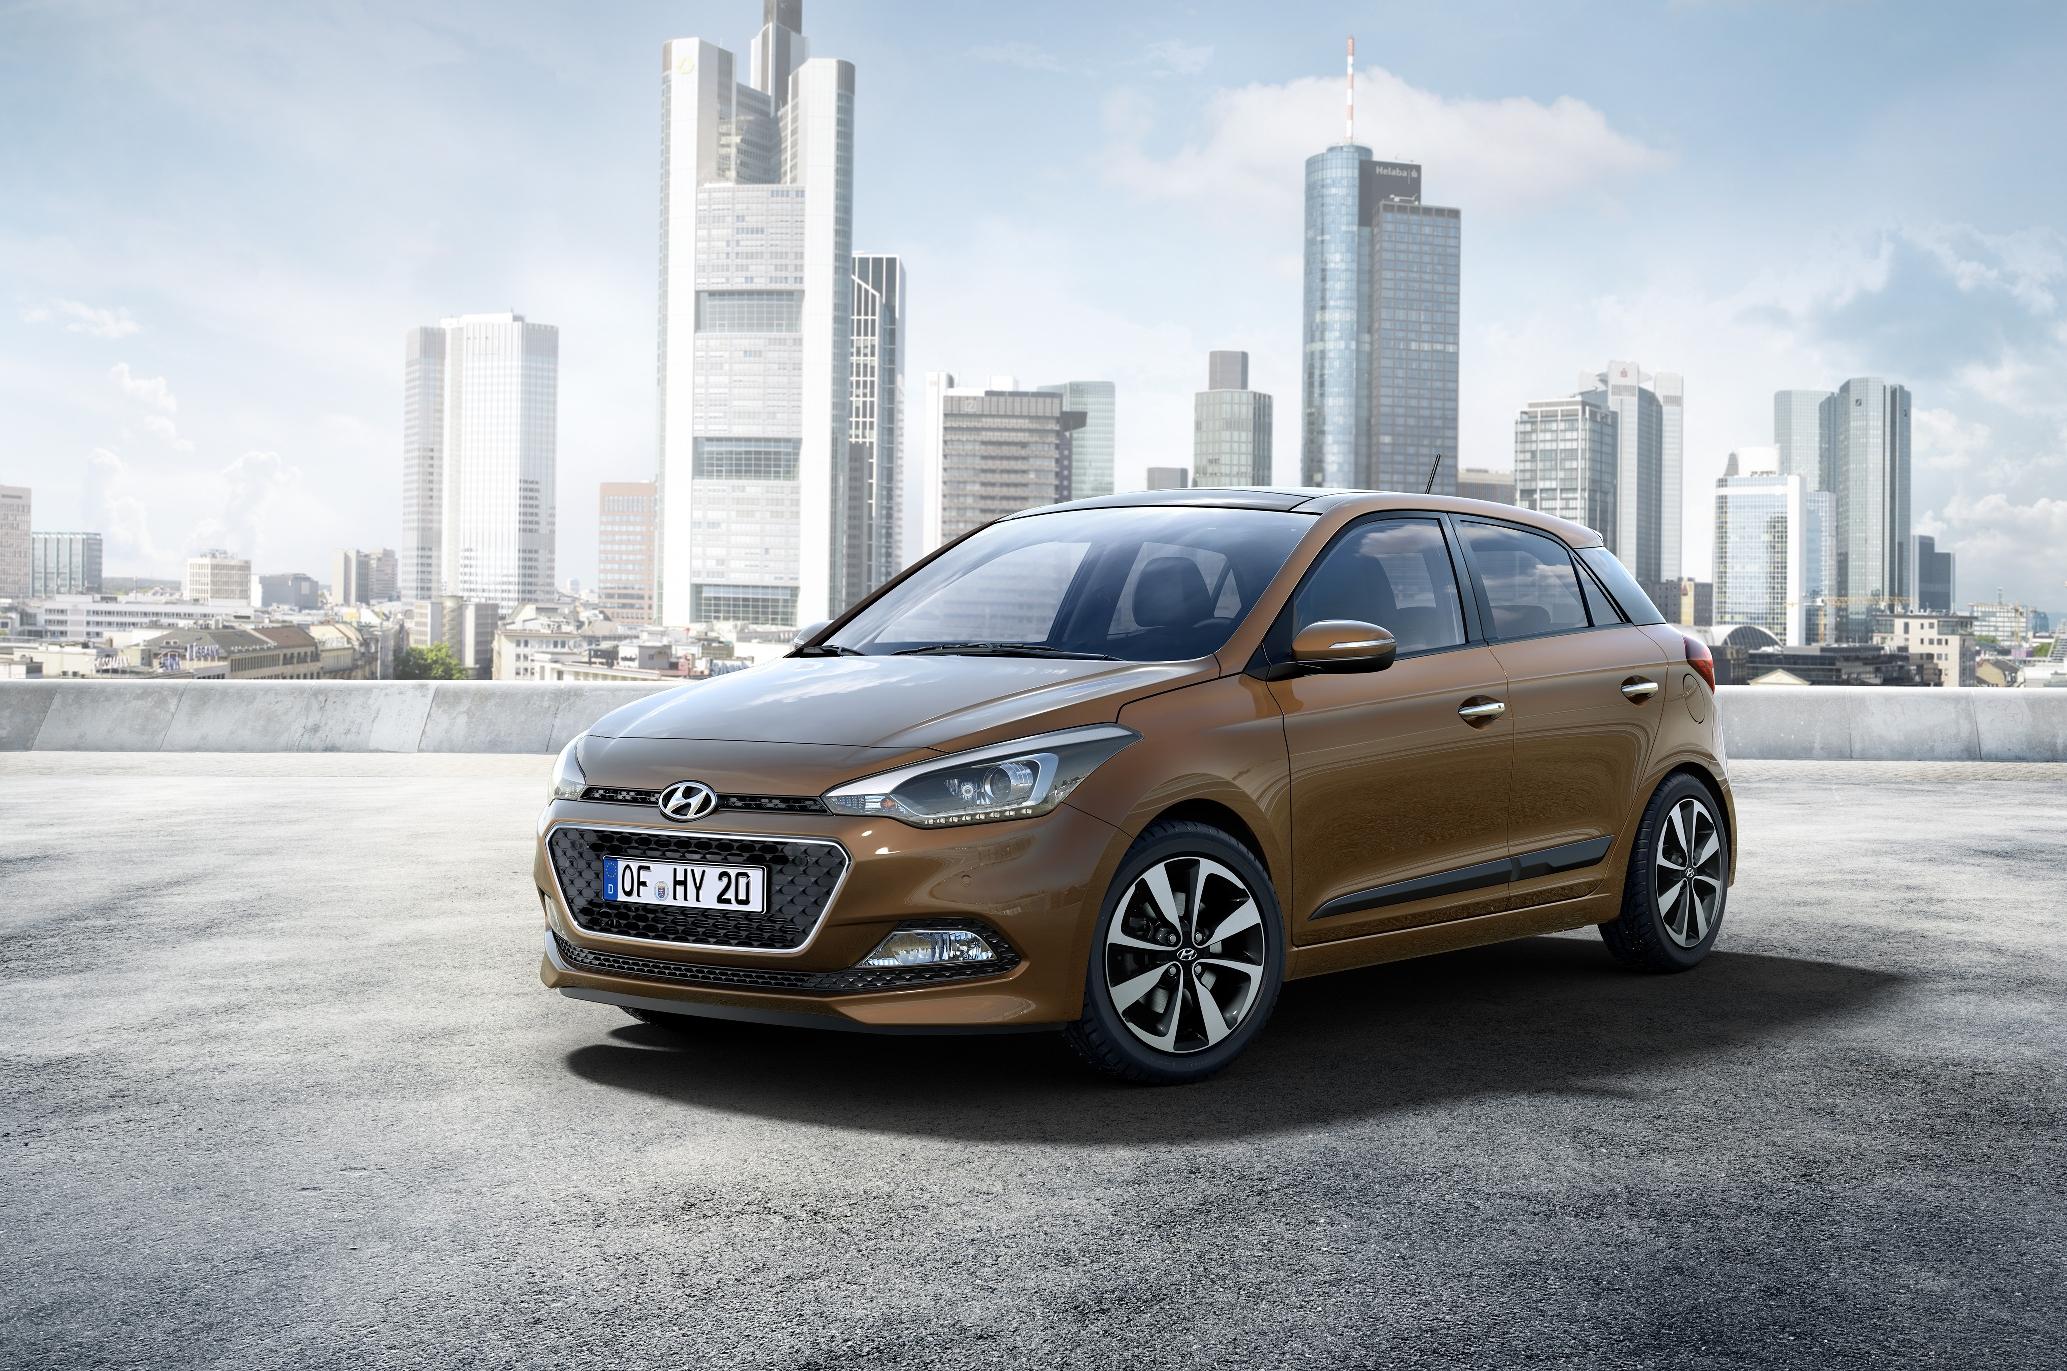 Hyundai svela la Nuova Generazione i20